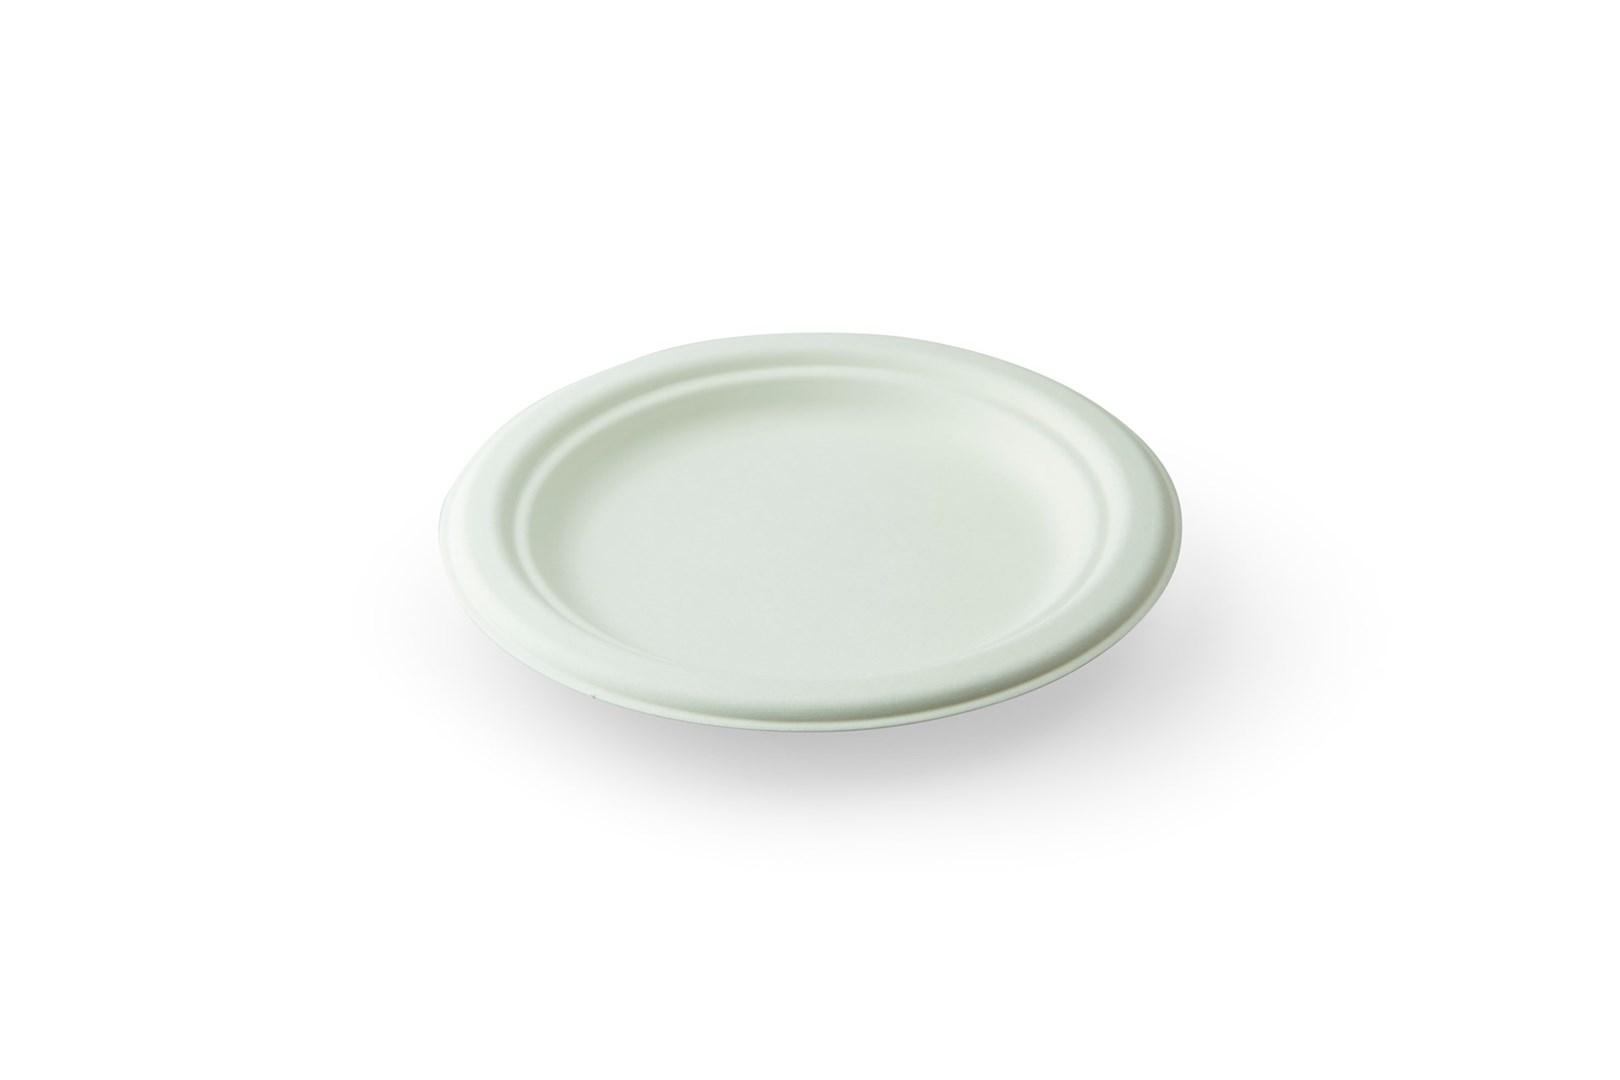 Productafbeelding Sier Disposables Mondial suikerriet bord rond ø175 x h15,8mm krimp à 40